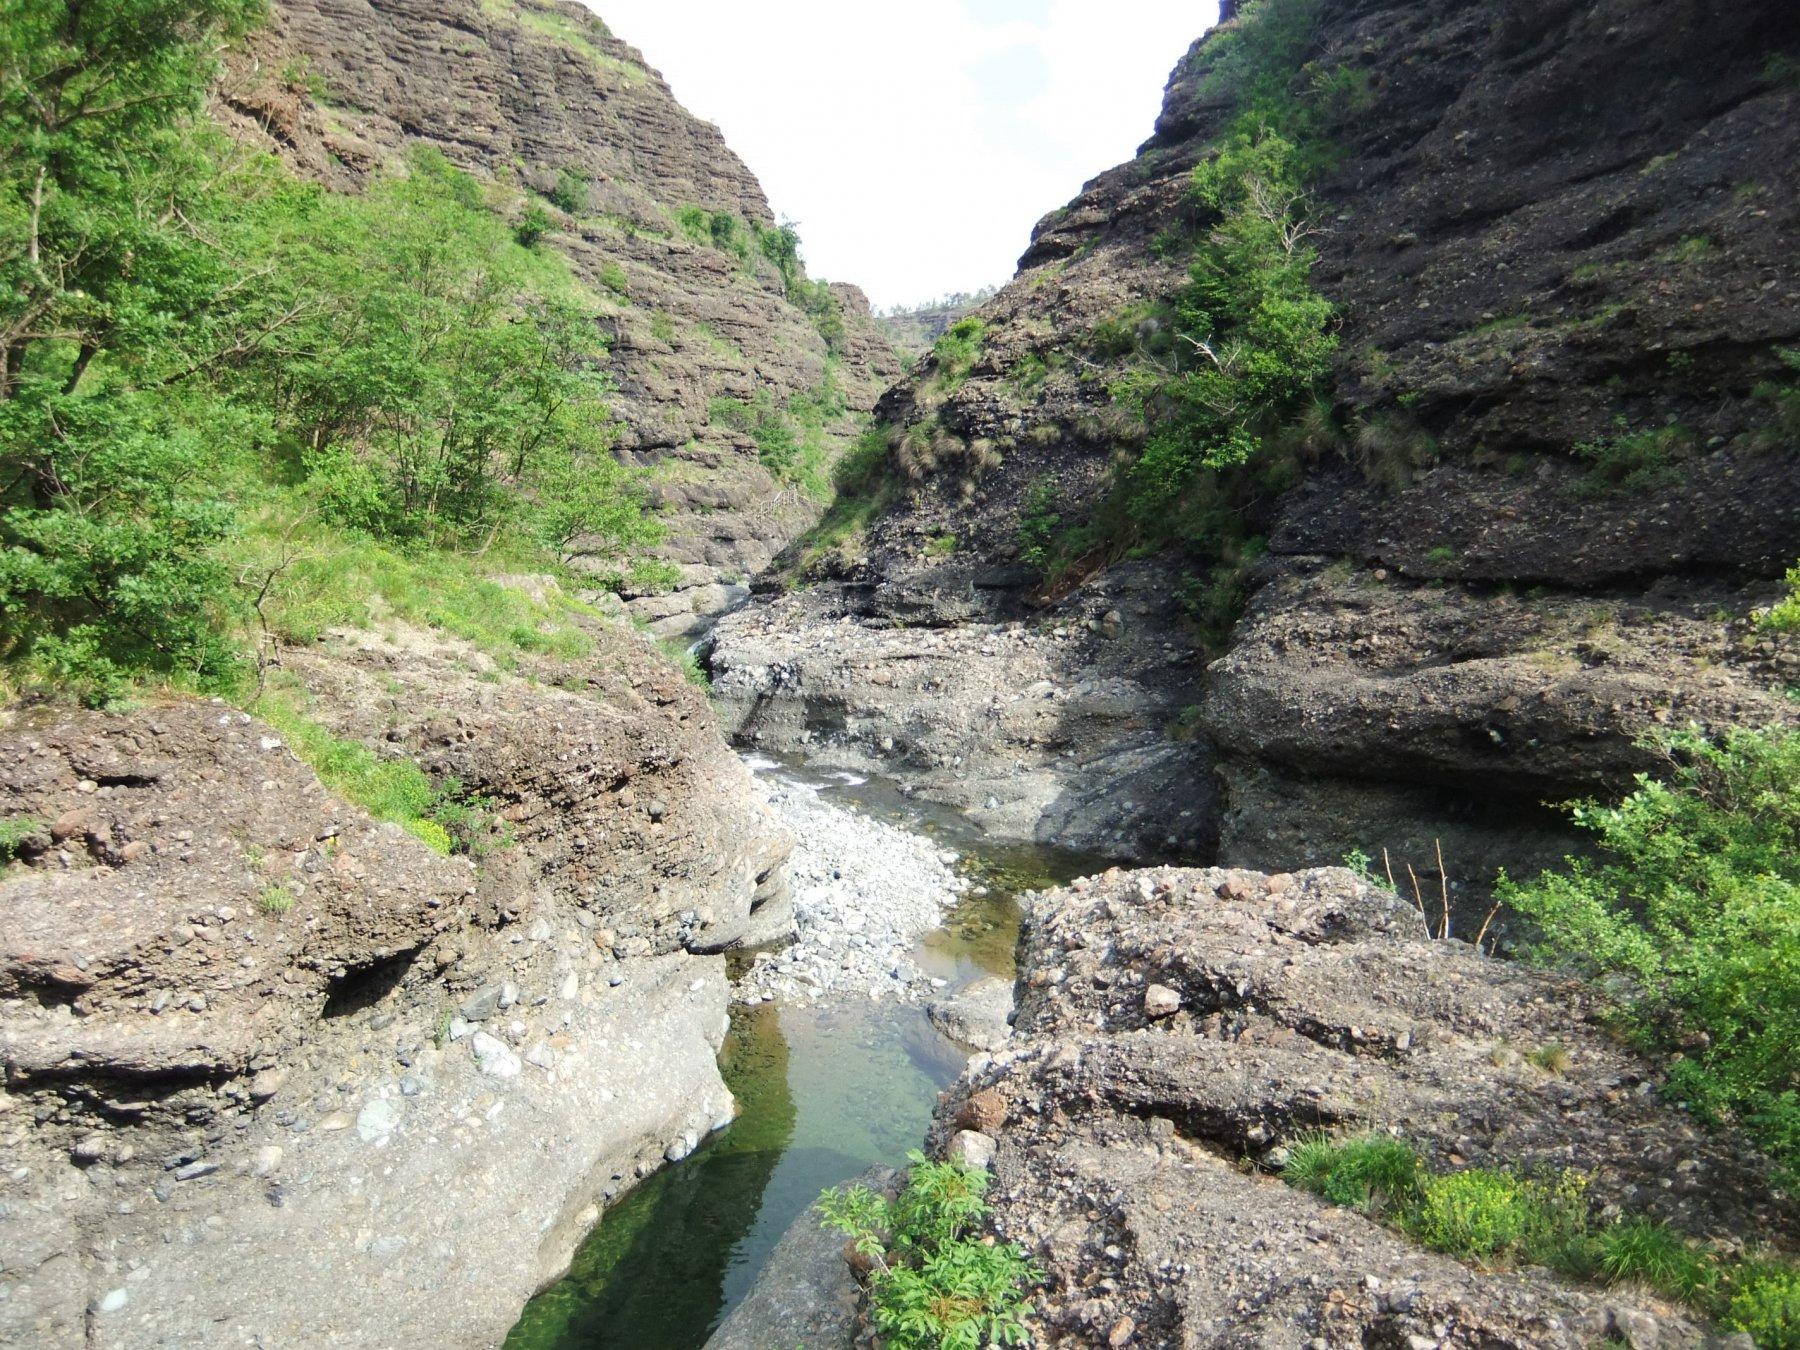 Sul fondo del canyon